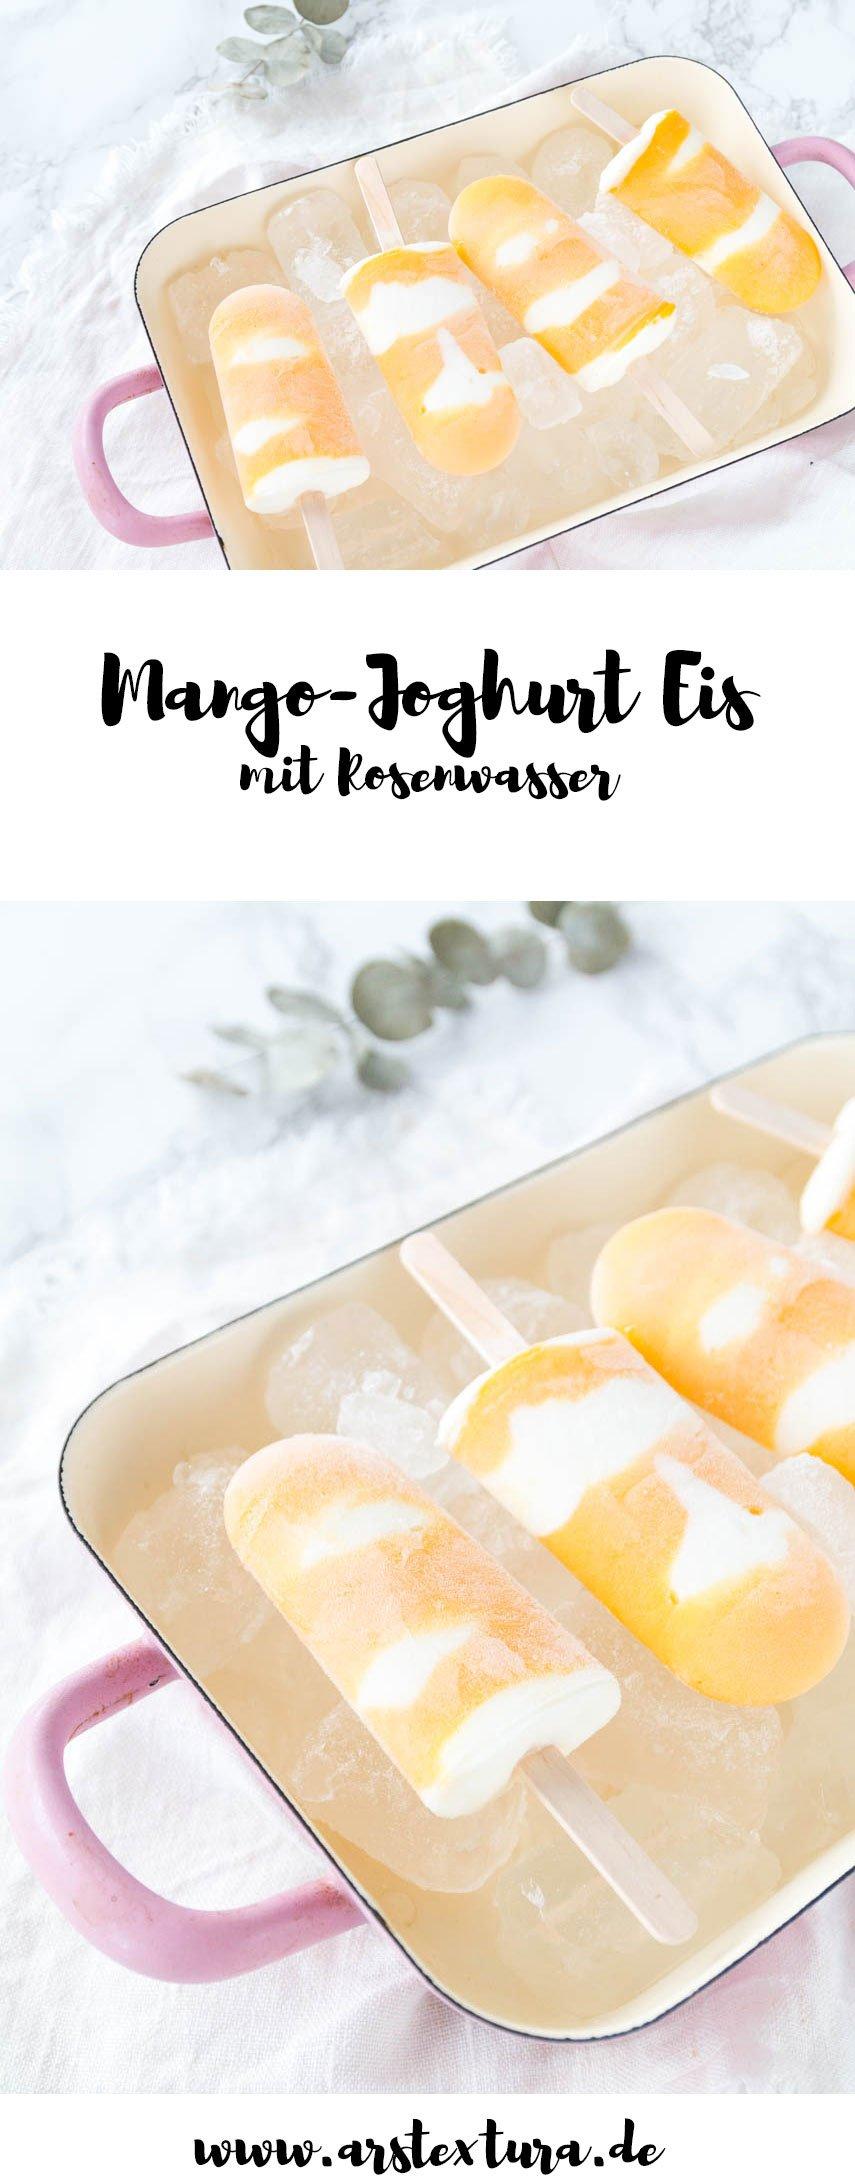 Mango-Joghurt Eis am Stiel - Mango Popsicles